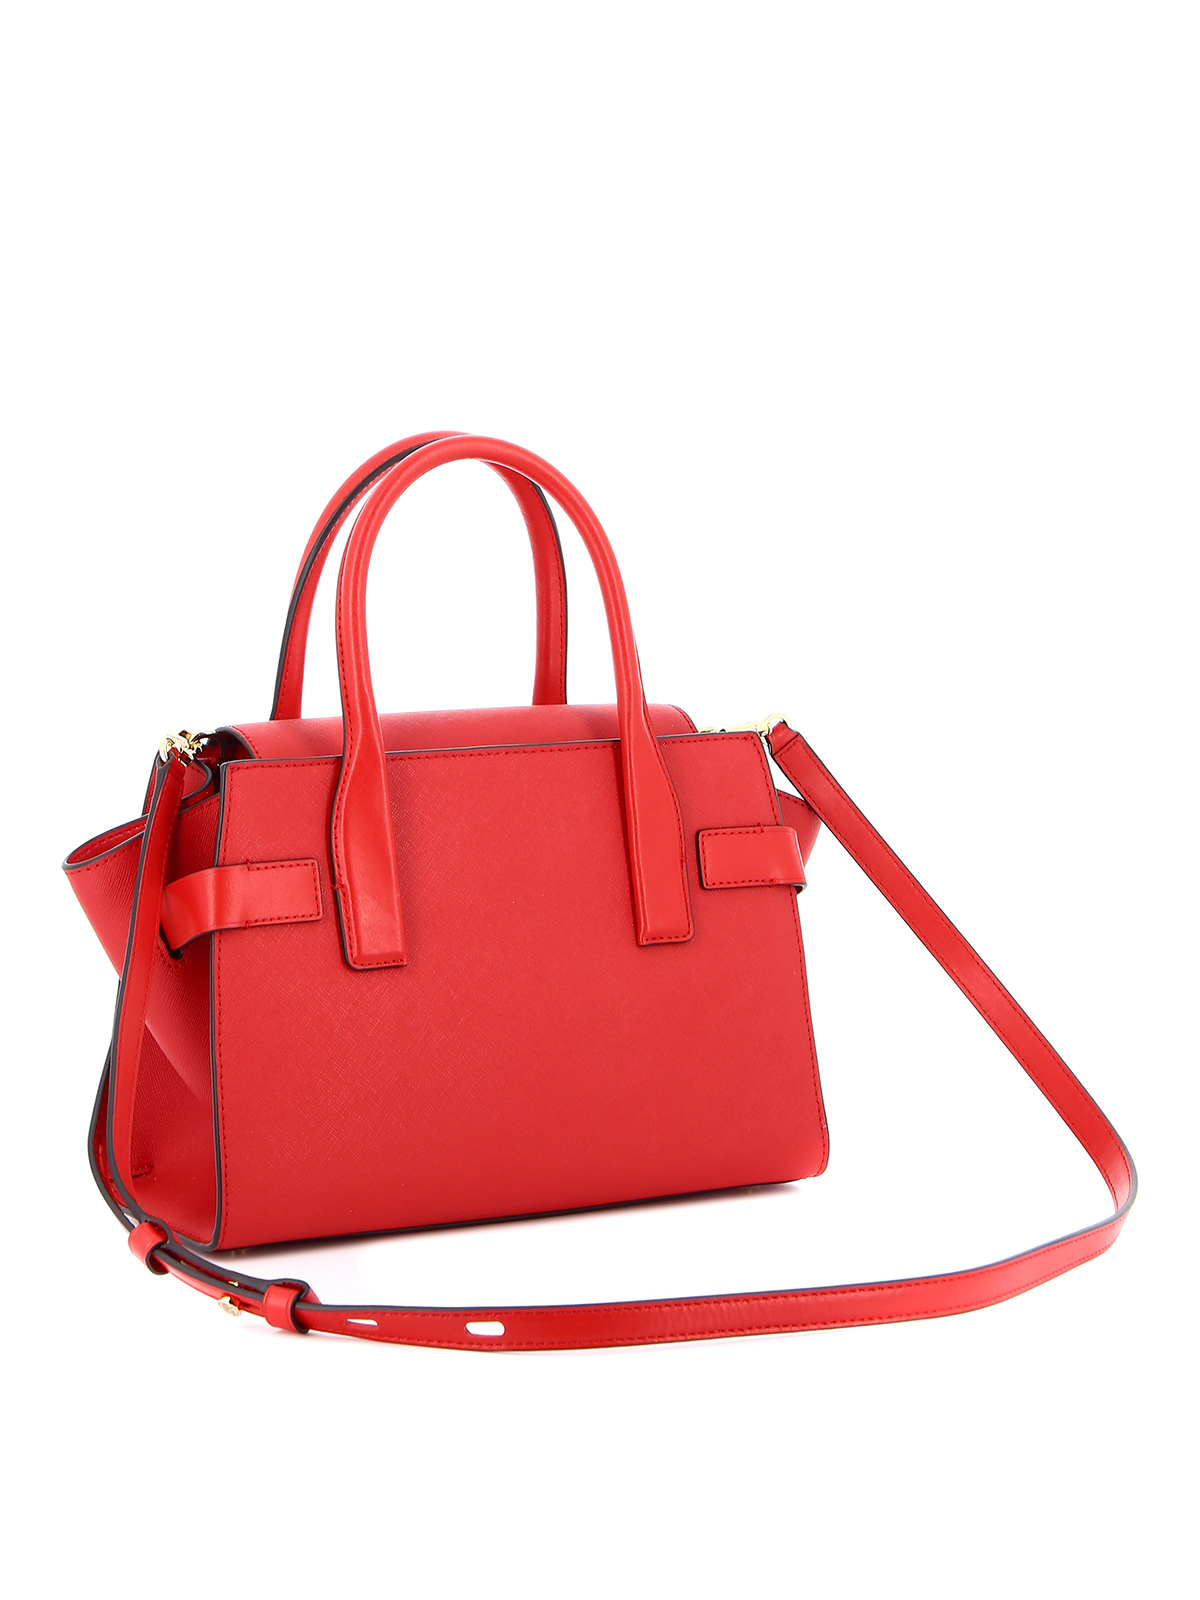 Michael Kors - Carmen S saffiano bag - totes bags - 30S0GNMS1L683